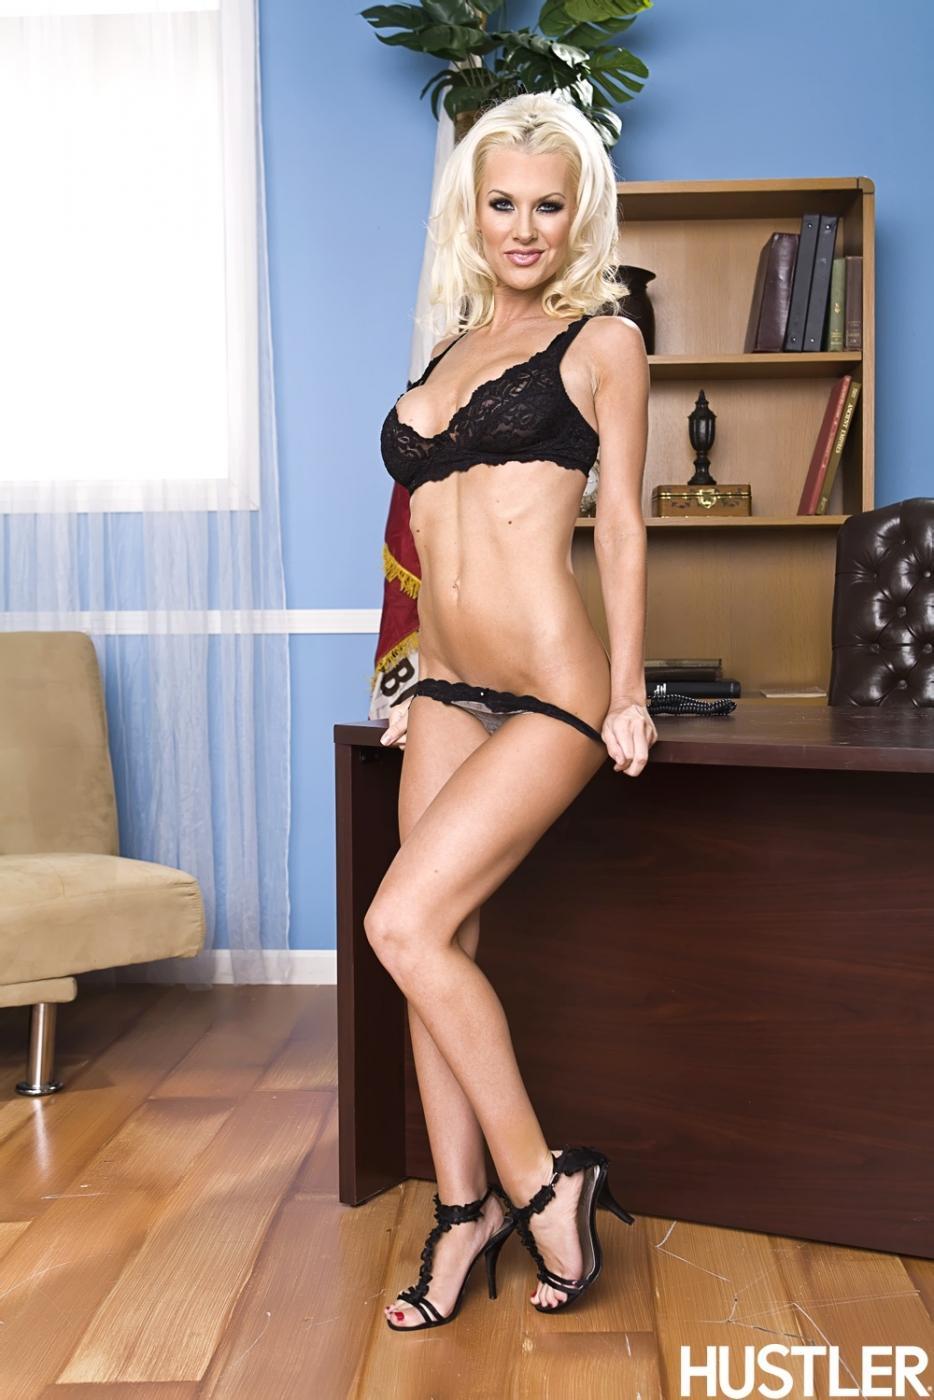 Волшебная блондинка Брэнди Эдвардс с похотливыми дойками стягивает блузку. Порно волшебный.